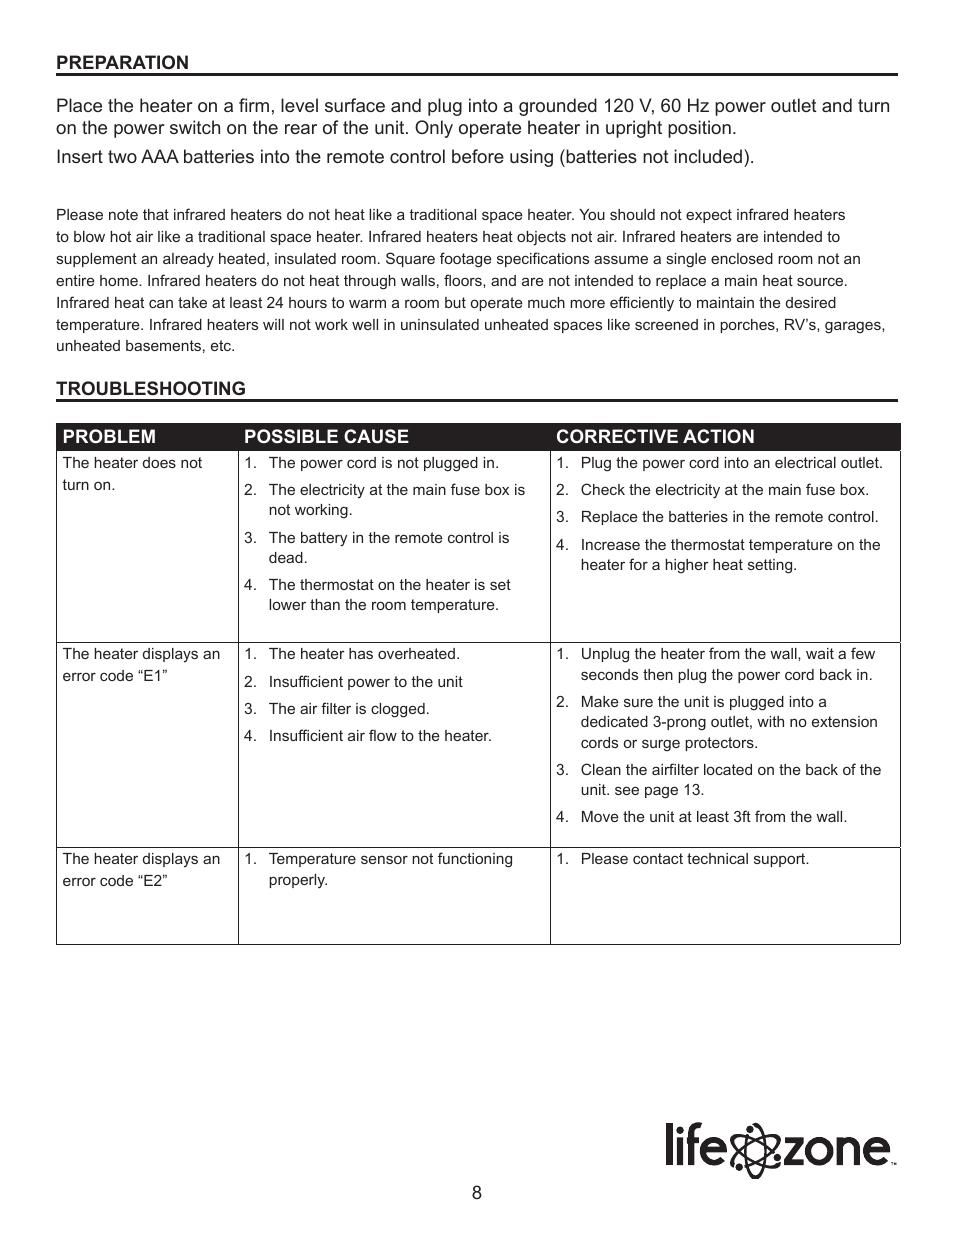 Lifesmart Sgh W6 Wiq User Manual Page 8 15 3 Position Fuse Box